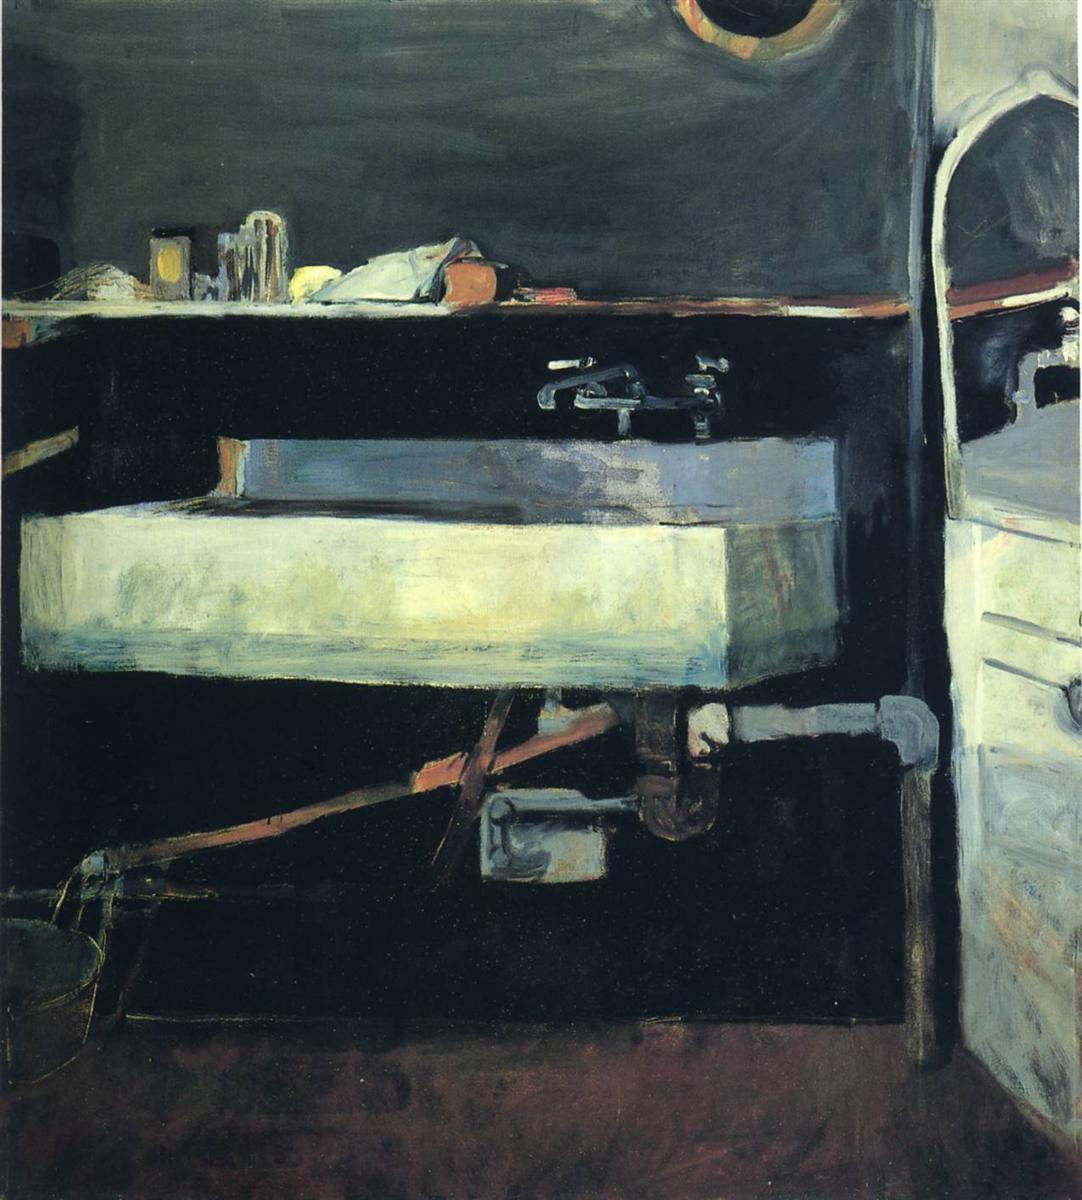 Corner Of Studio Sink U2014 Richard Diebenkorn